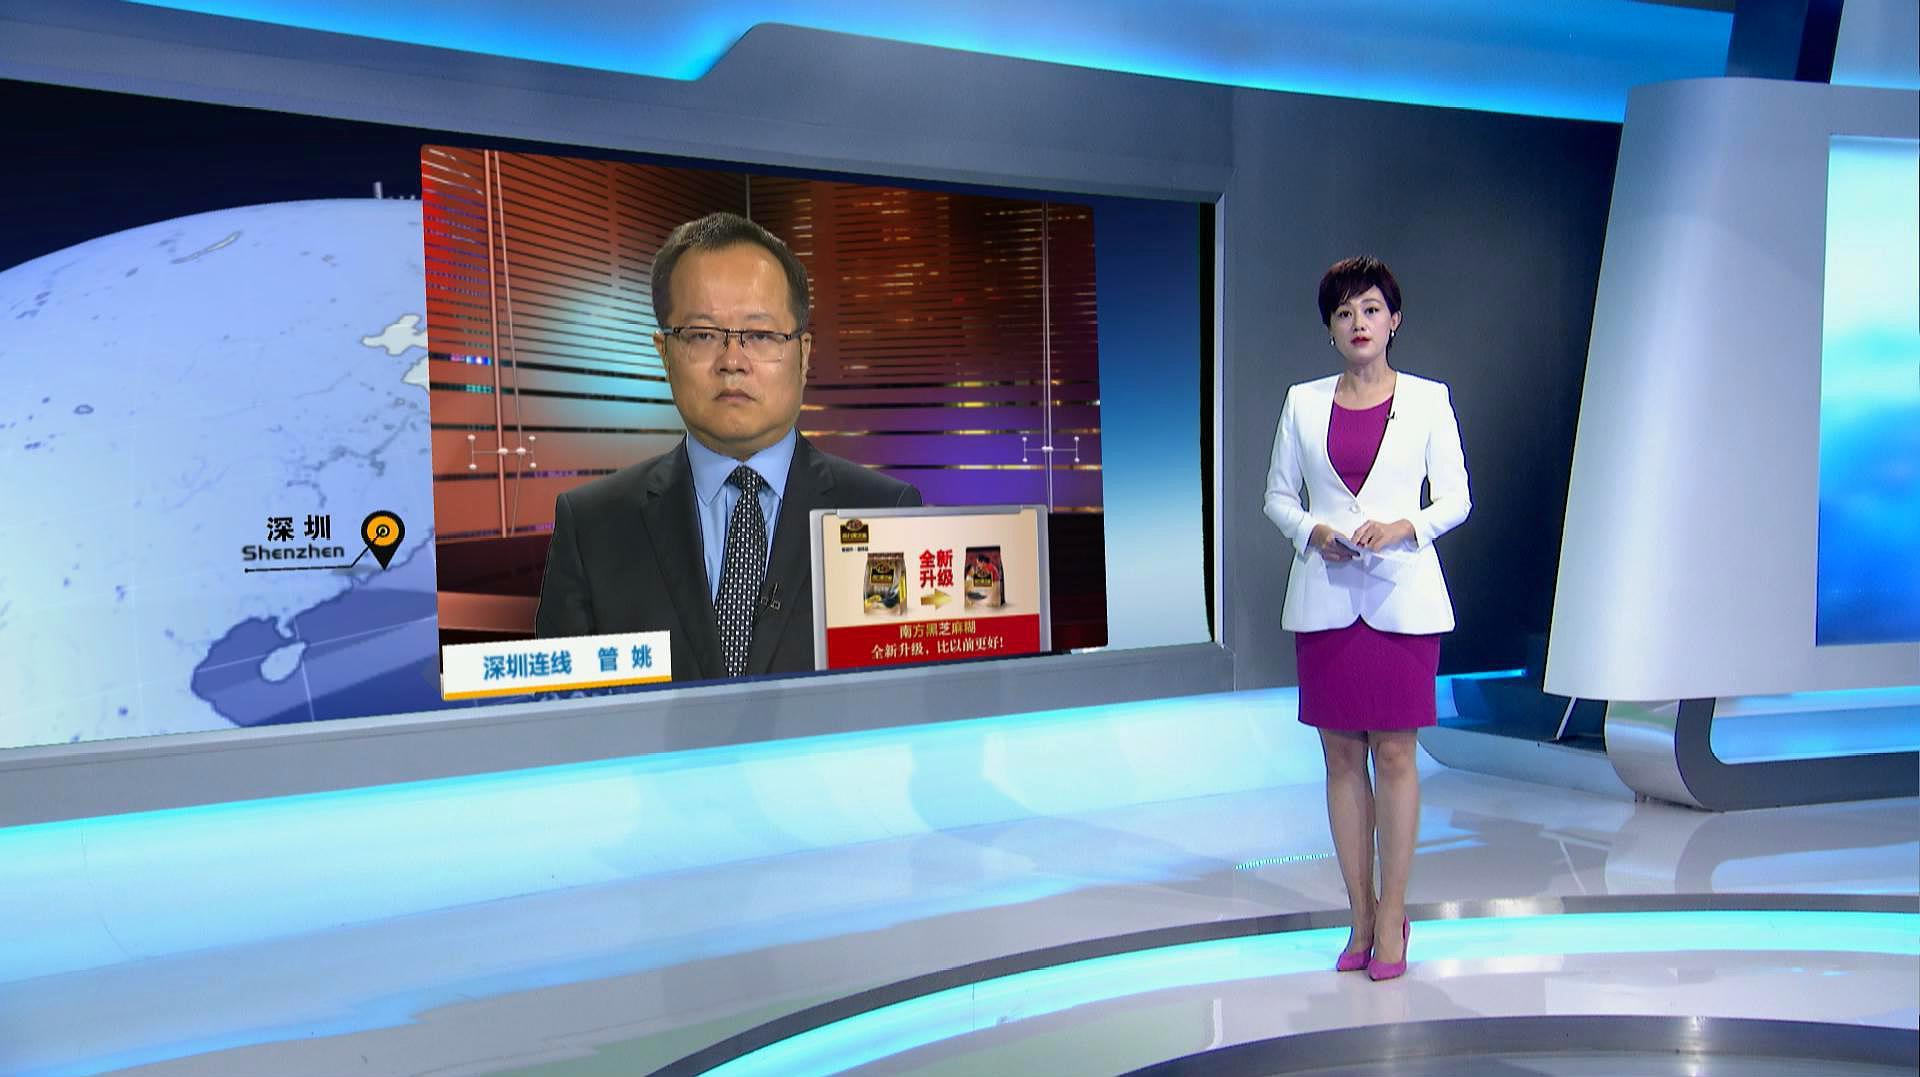 管姚:记者没有问贸易战 刘鹤为何主动提及?